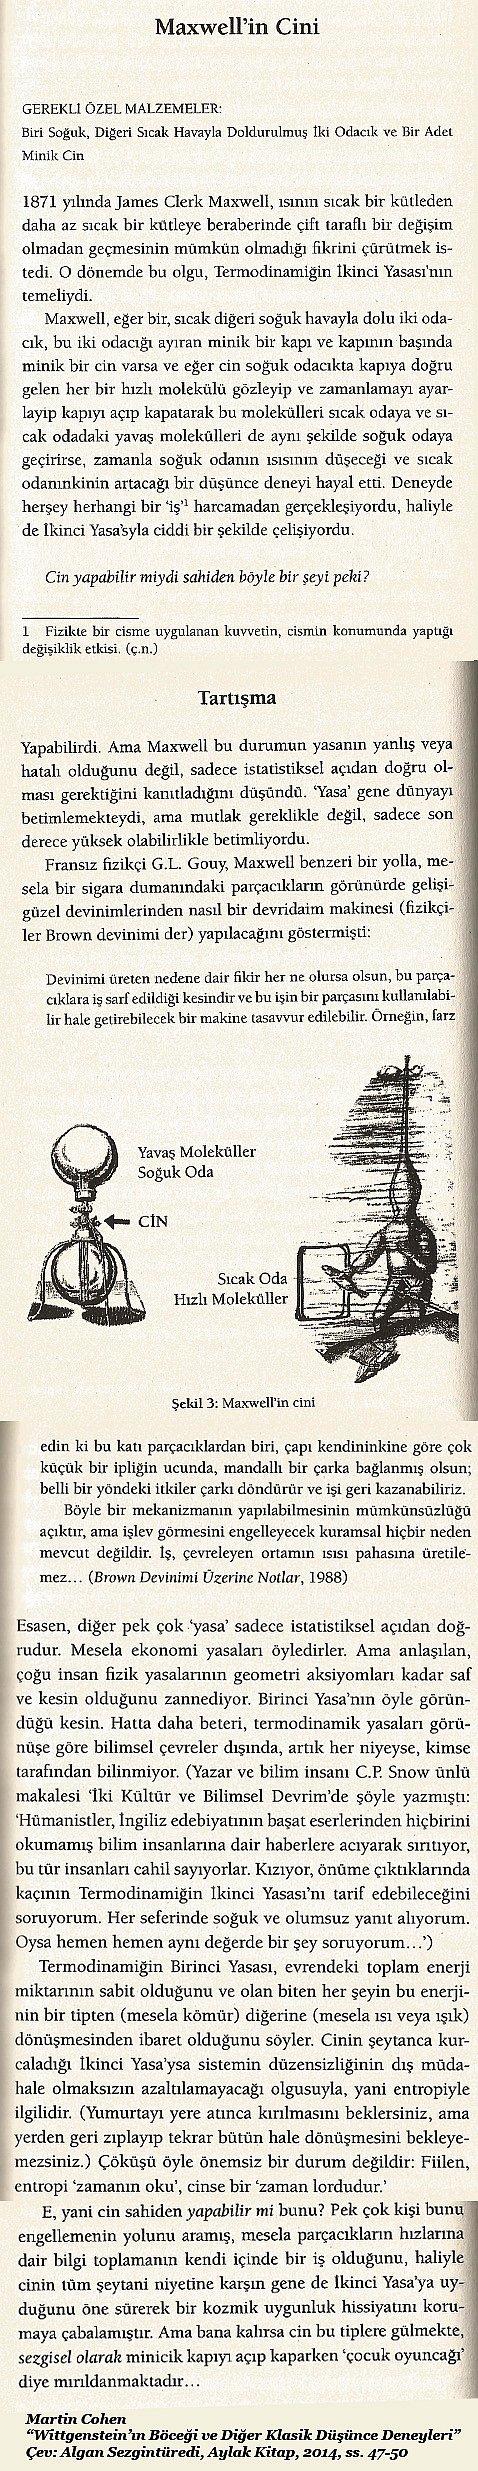 maxwellcini